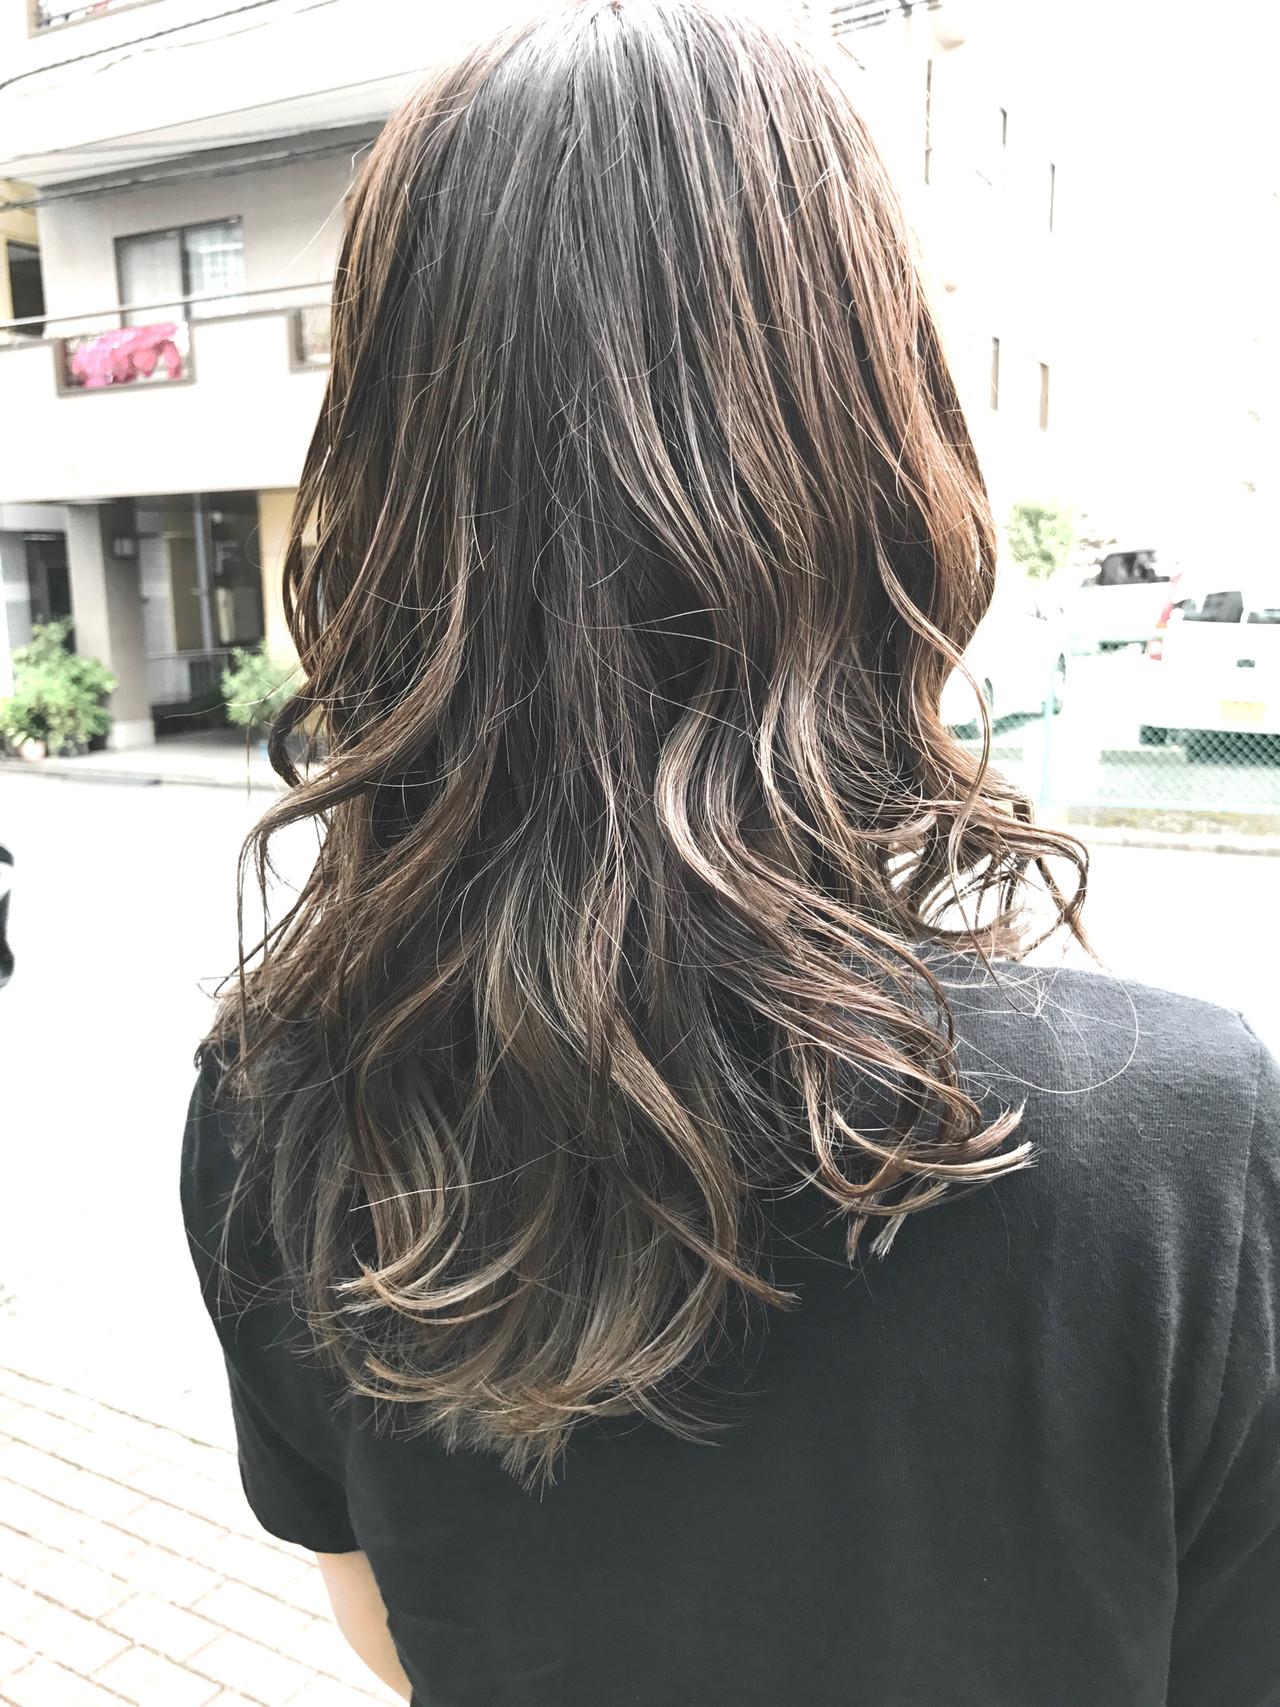 バレイヤージュ ロング 冬カラー グレージュ ヘアスタイルや髪型の写真・画像